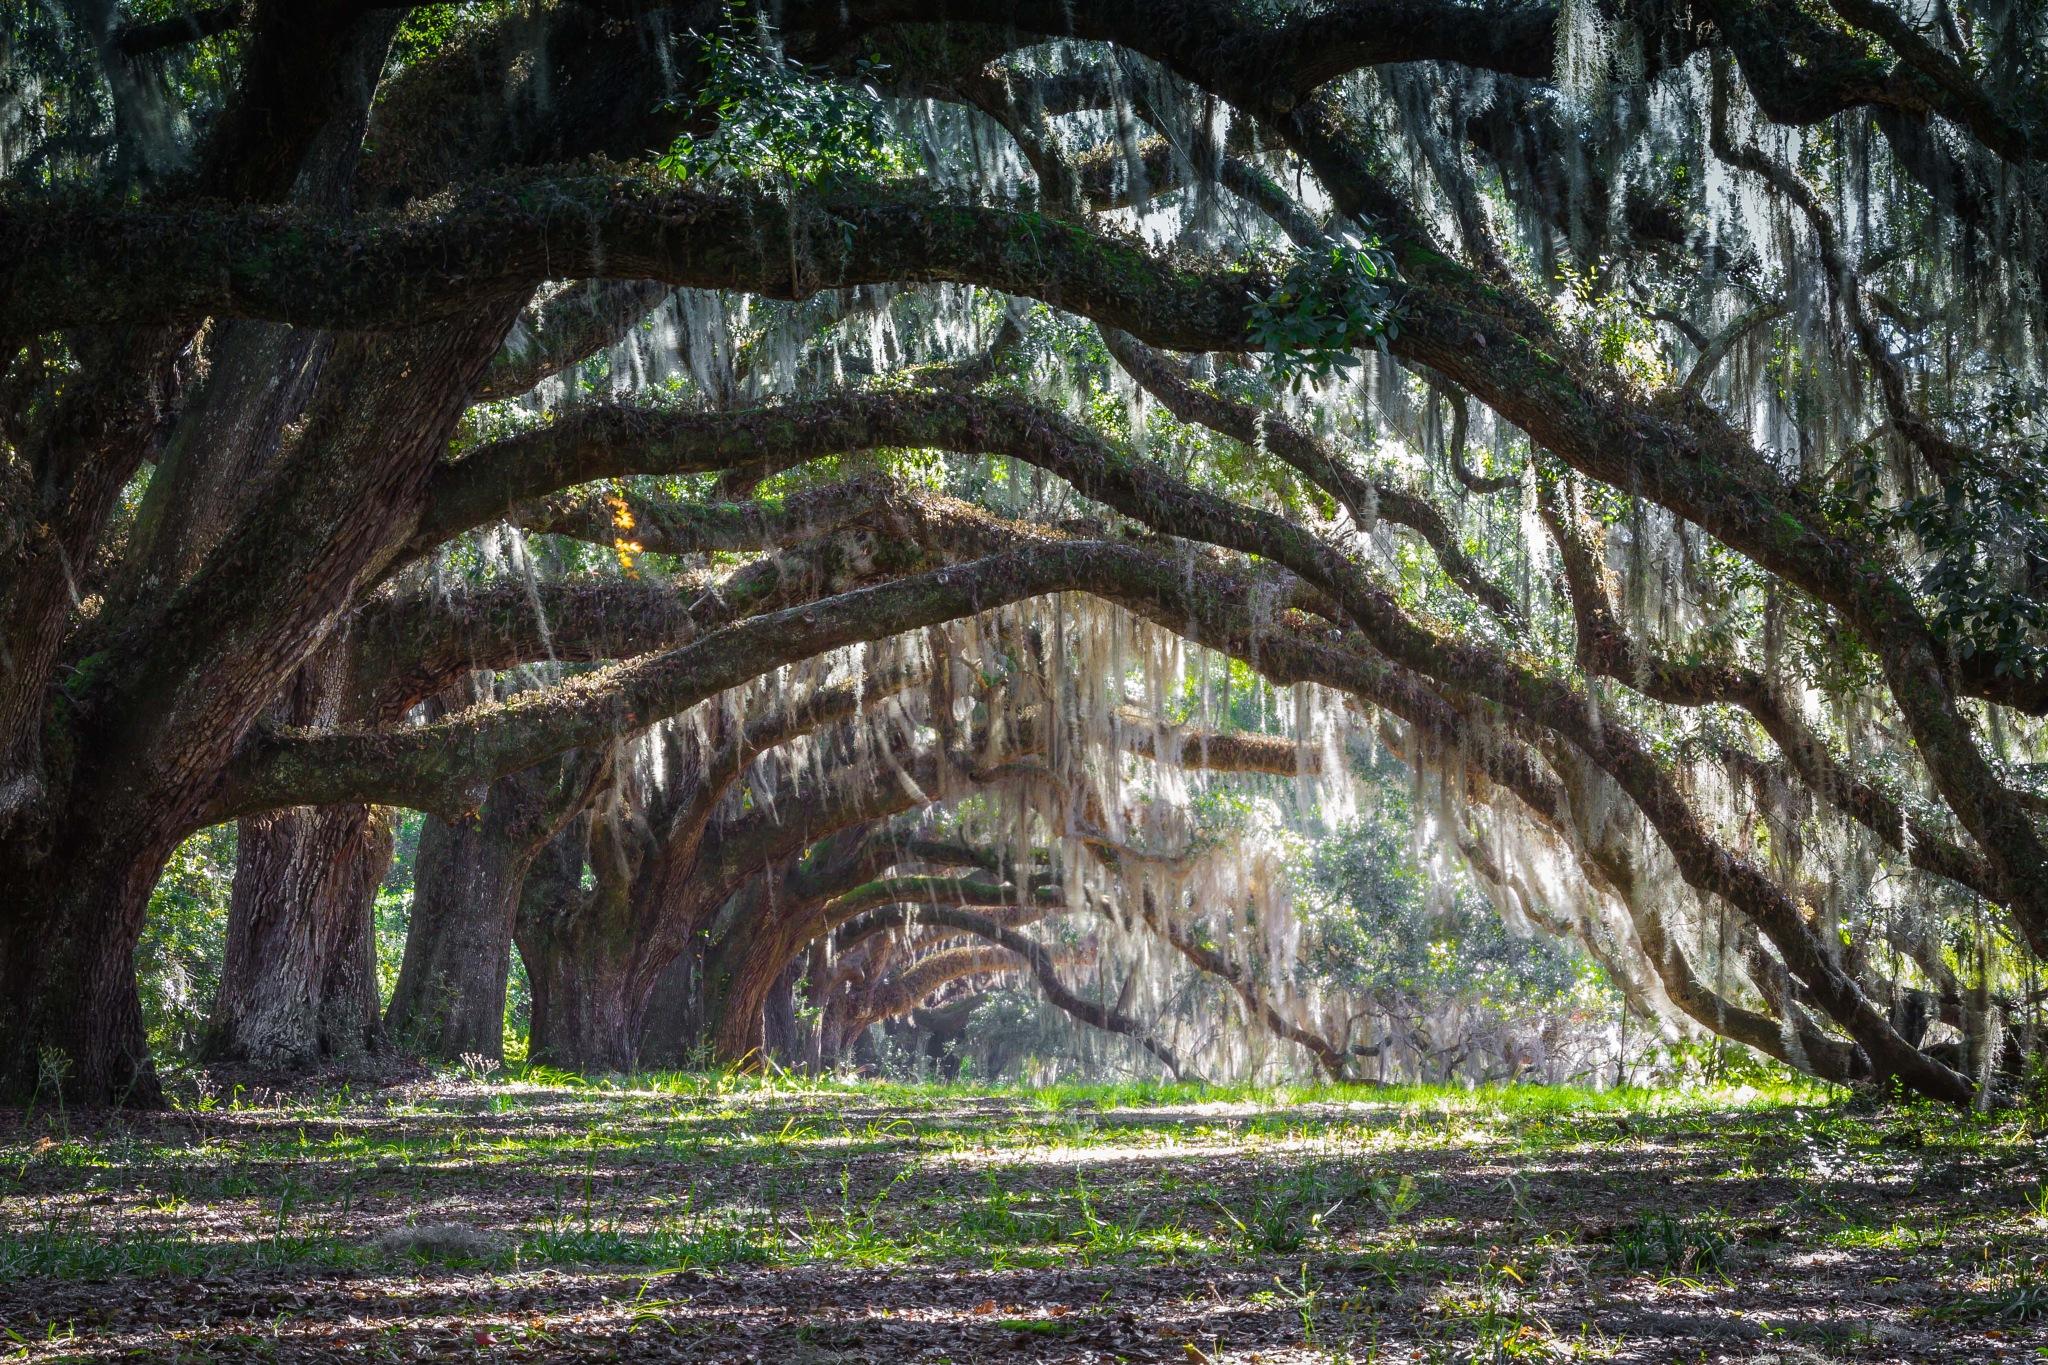 Plantation Oaks by Mary Hulett